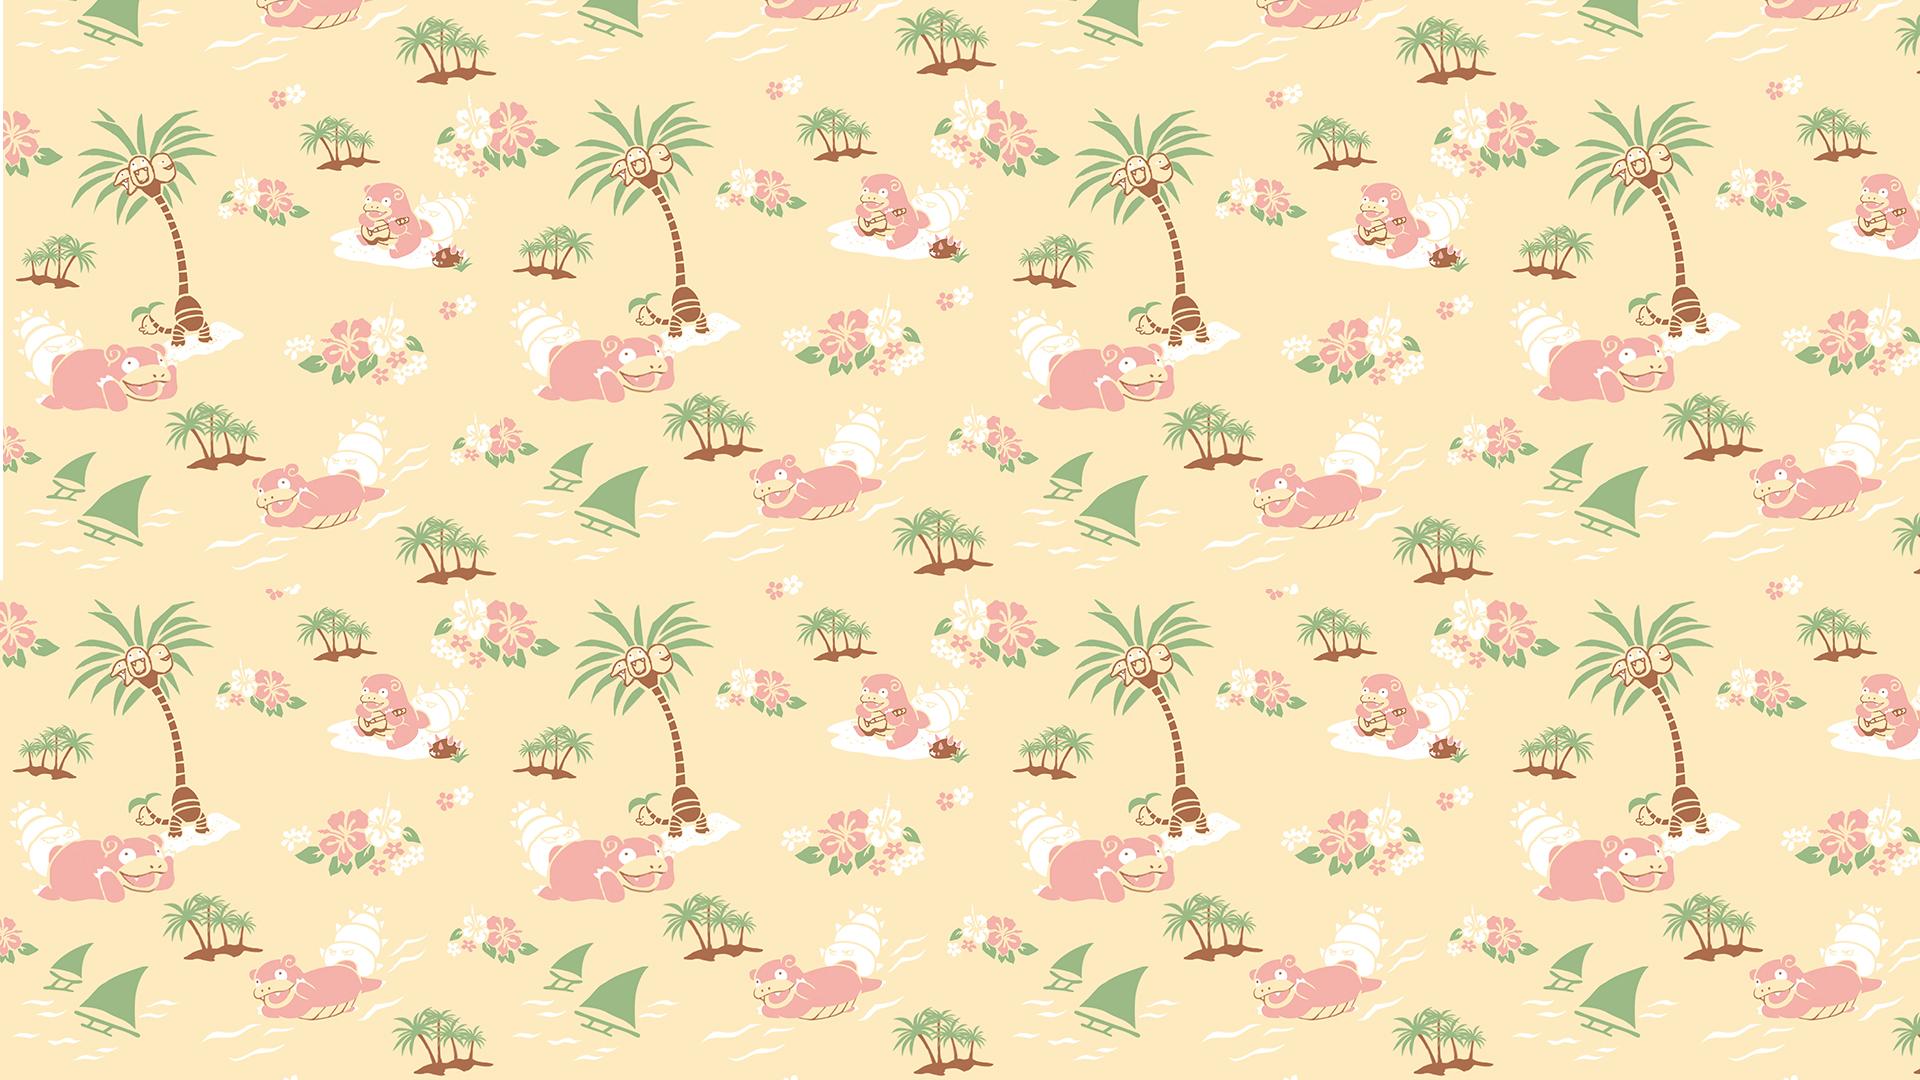 Wallpaper Pokemon Tile Cartoon Pattern 1920x1080 Asta 1558643 Hd Wallpapers Wallhere